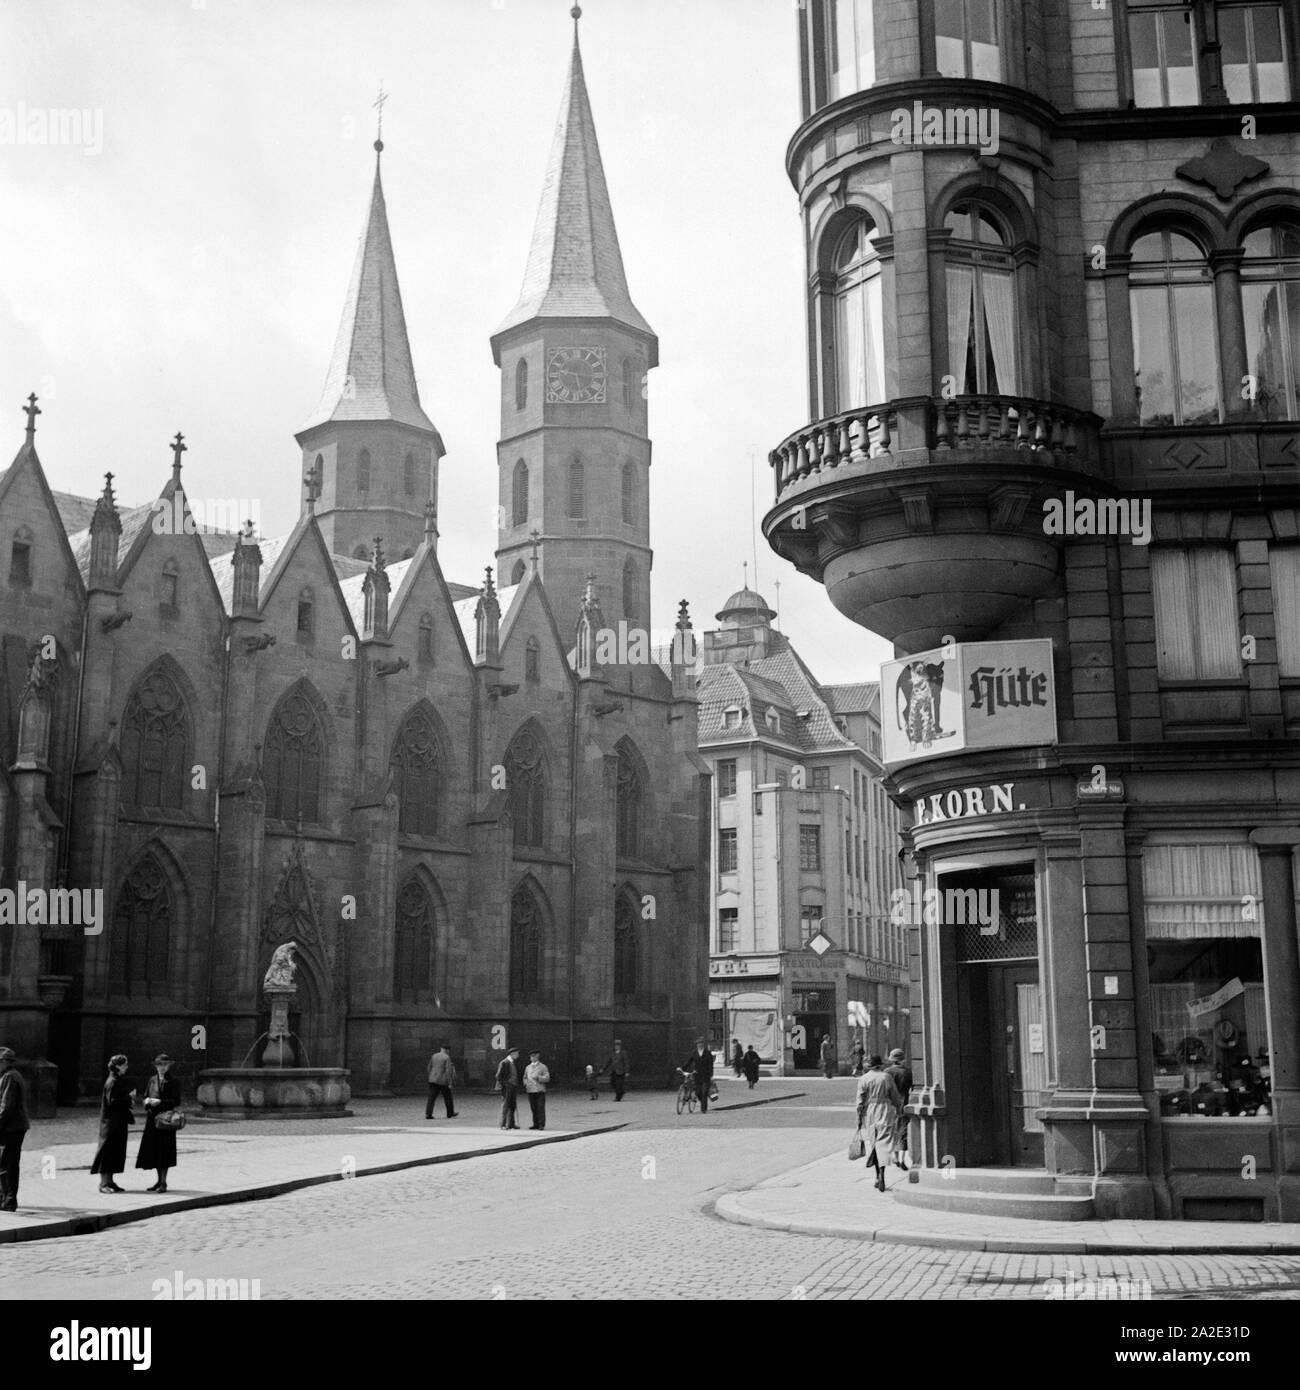 Die Stiftskirche St. Martin und St. Maria in Kaiserslautern von der Schillerstraße aus gesehen, Deutschland 1930er Jahre. St. Martin's and St. Mary's collegiate church at Kaiserslautern, Germany 1930s. Stock Photo